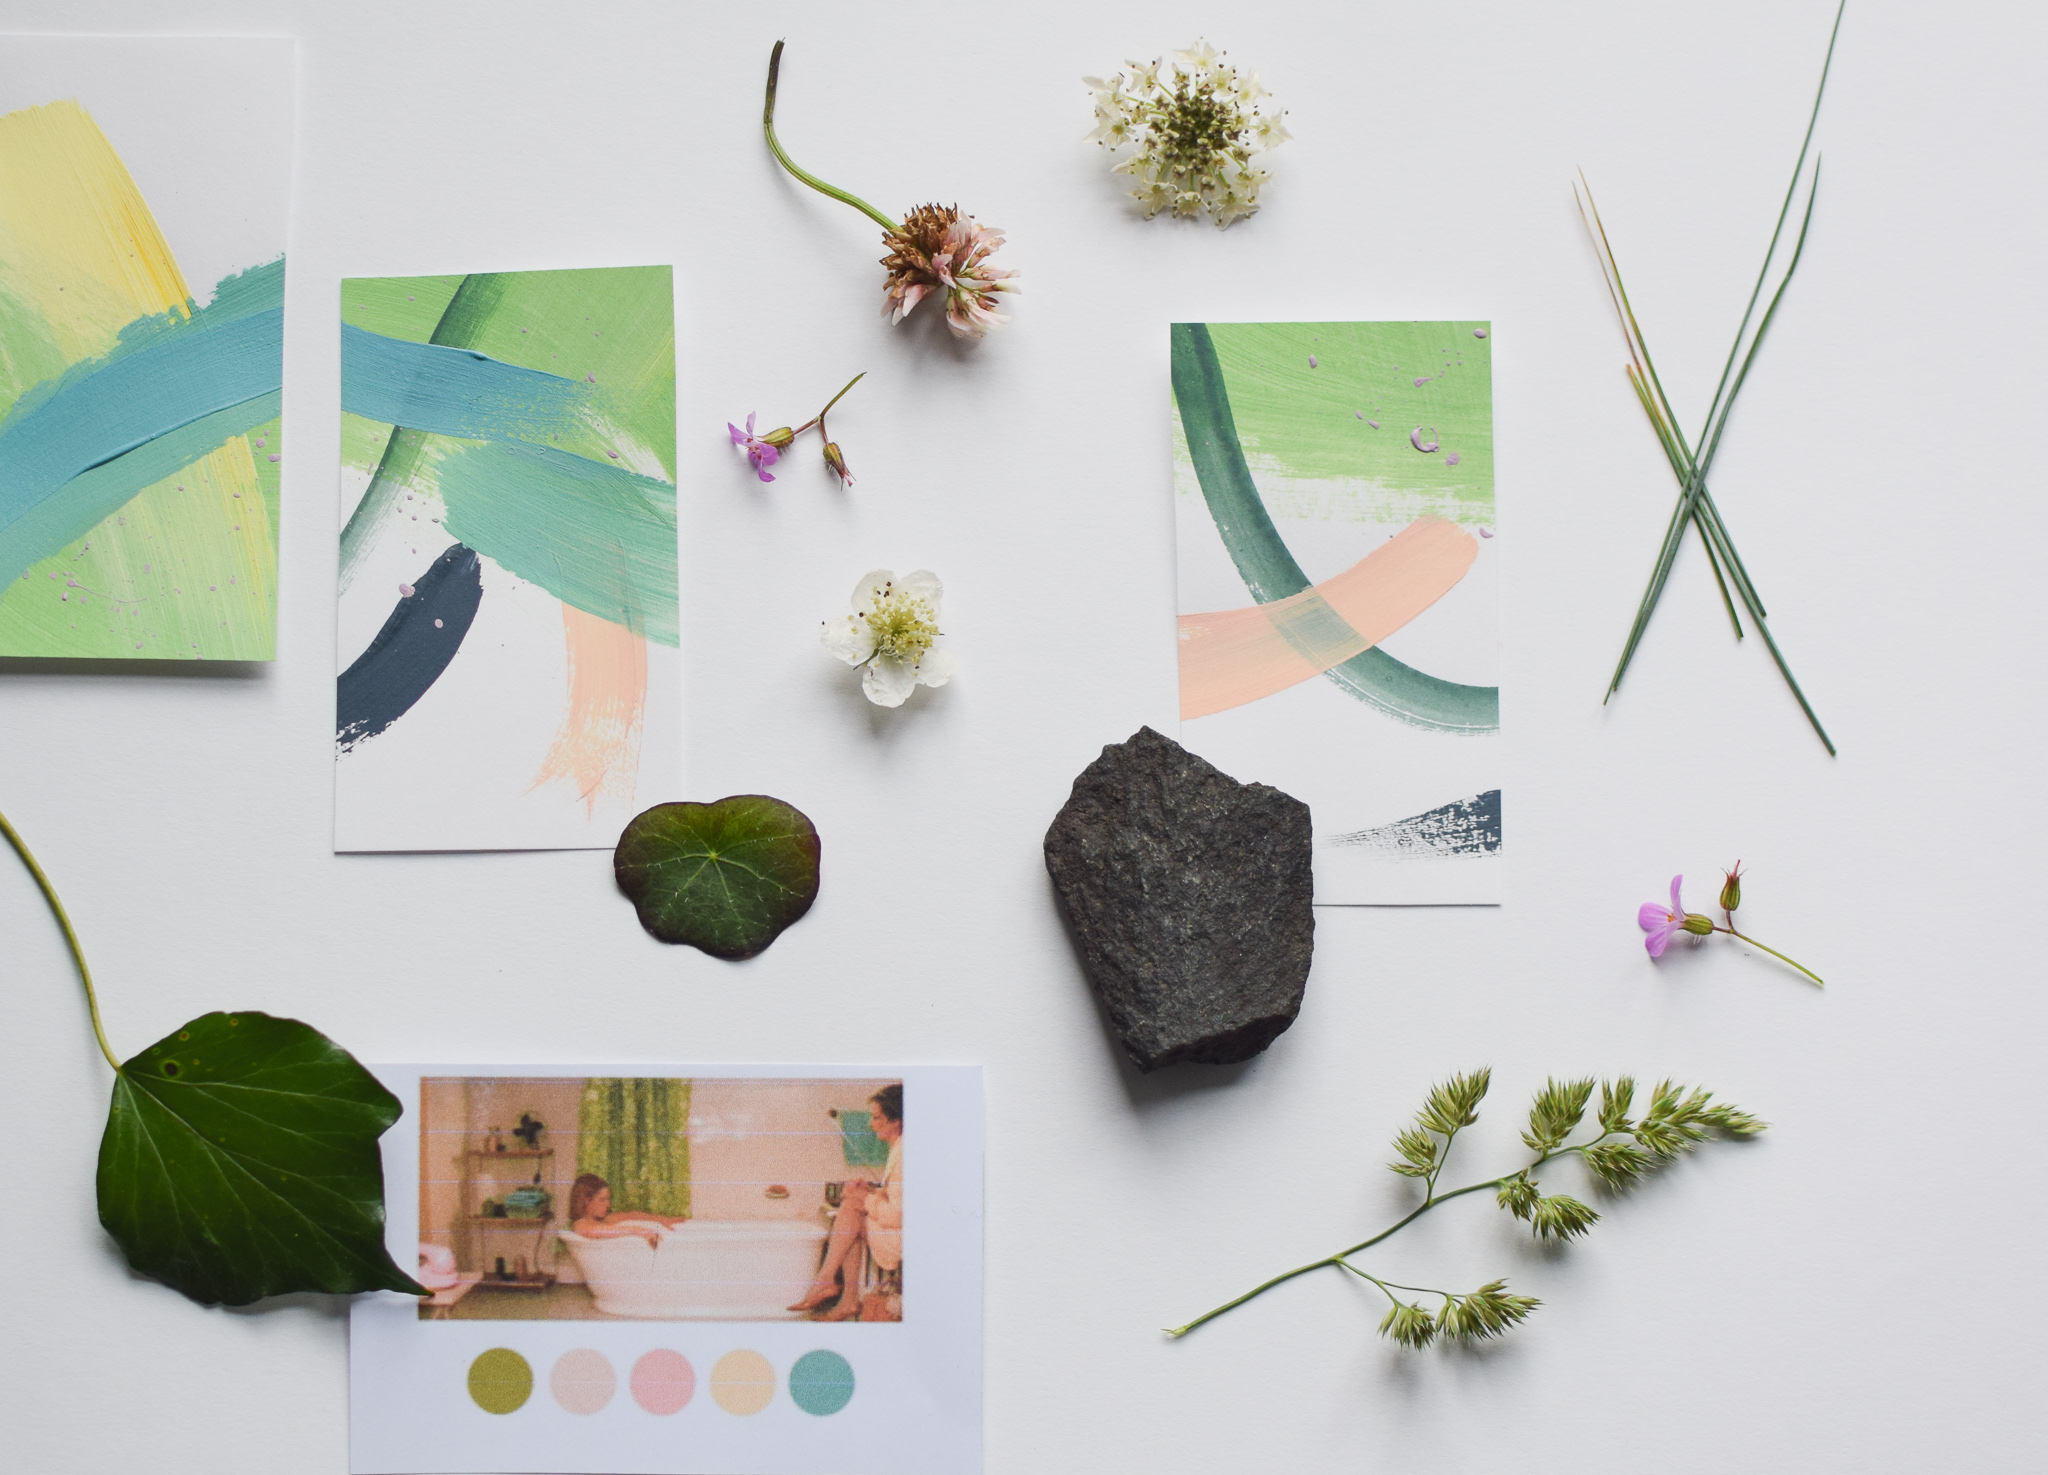 Soul & Soil - Branding & Print Design